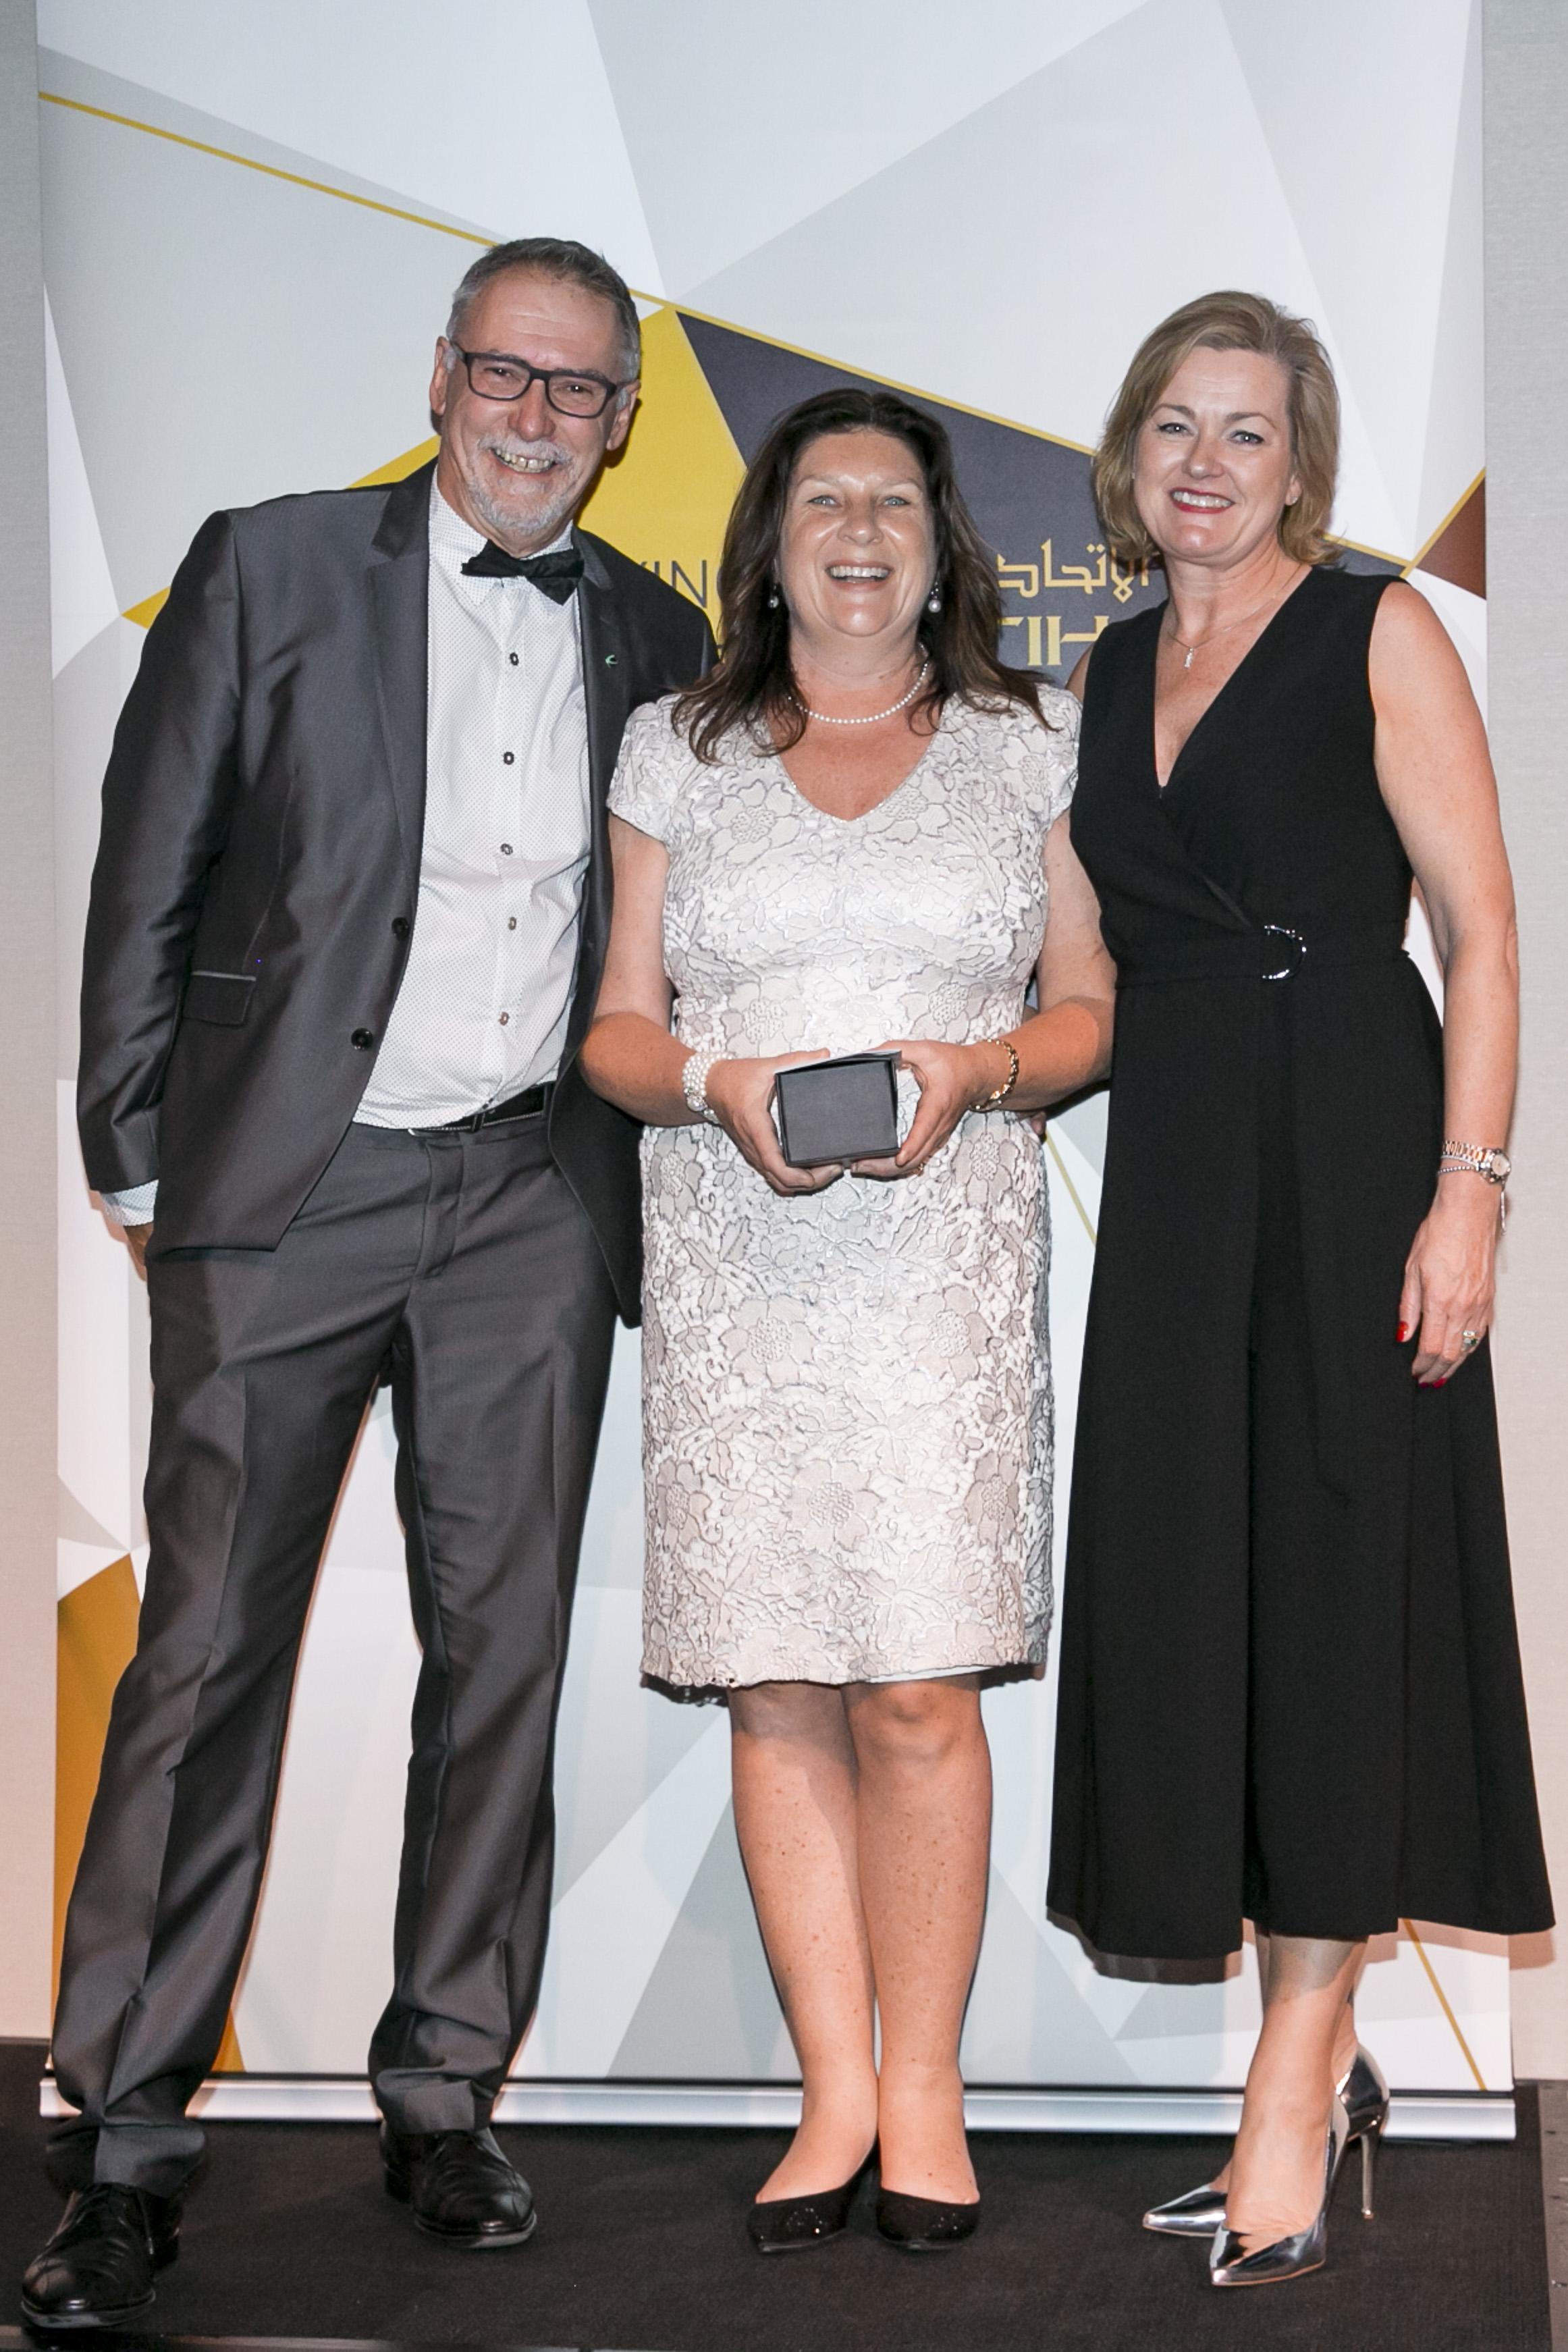 4. Award